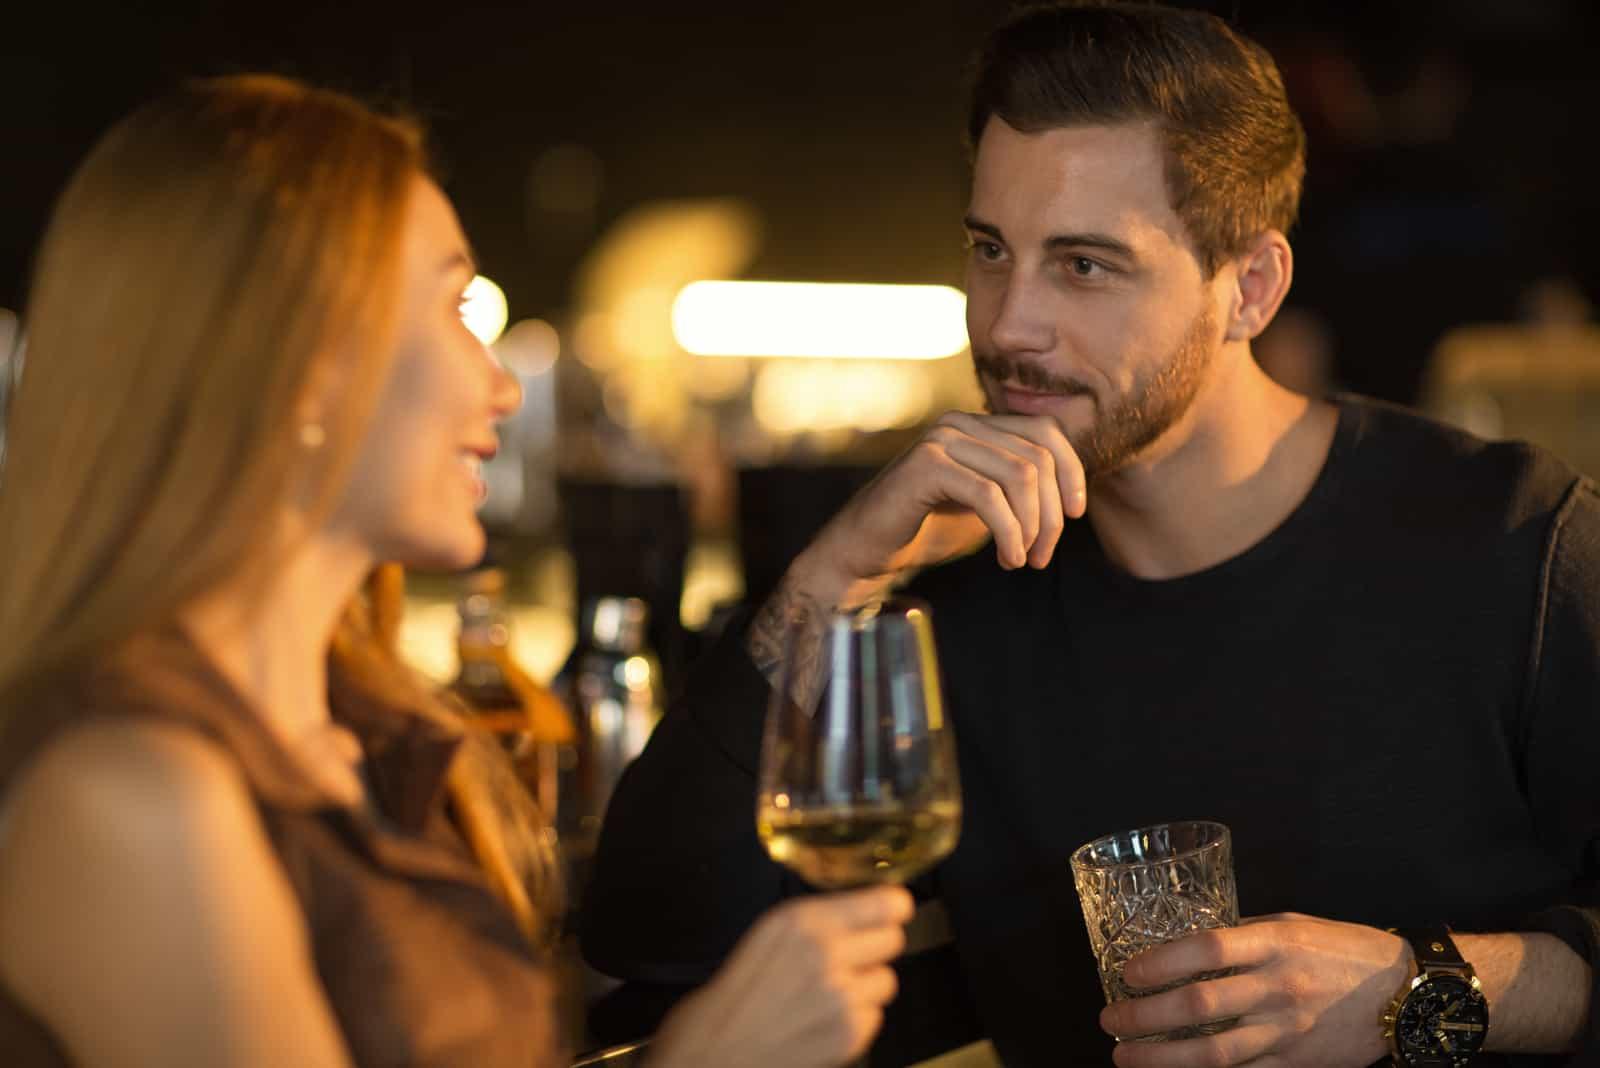 un homme et une femme parlent en buvant du vin